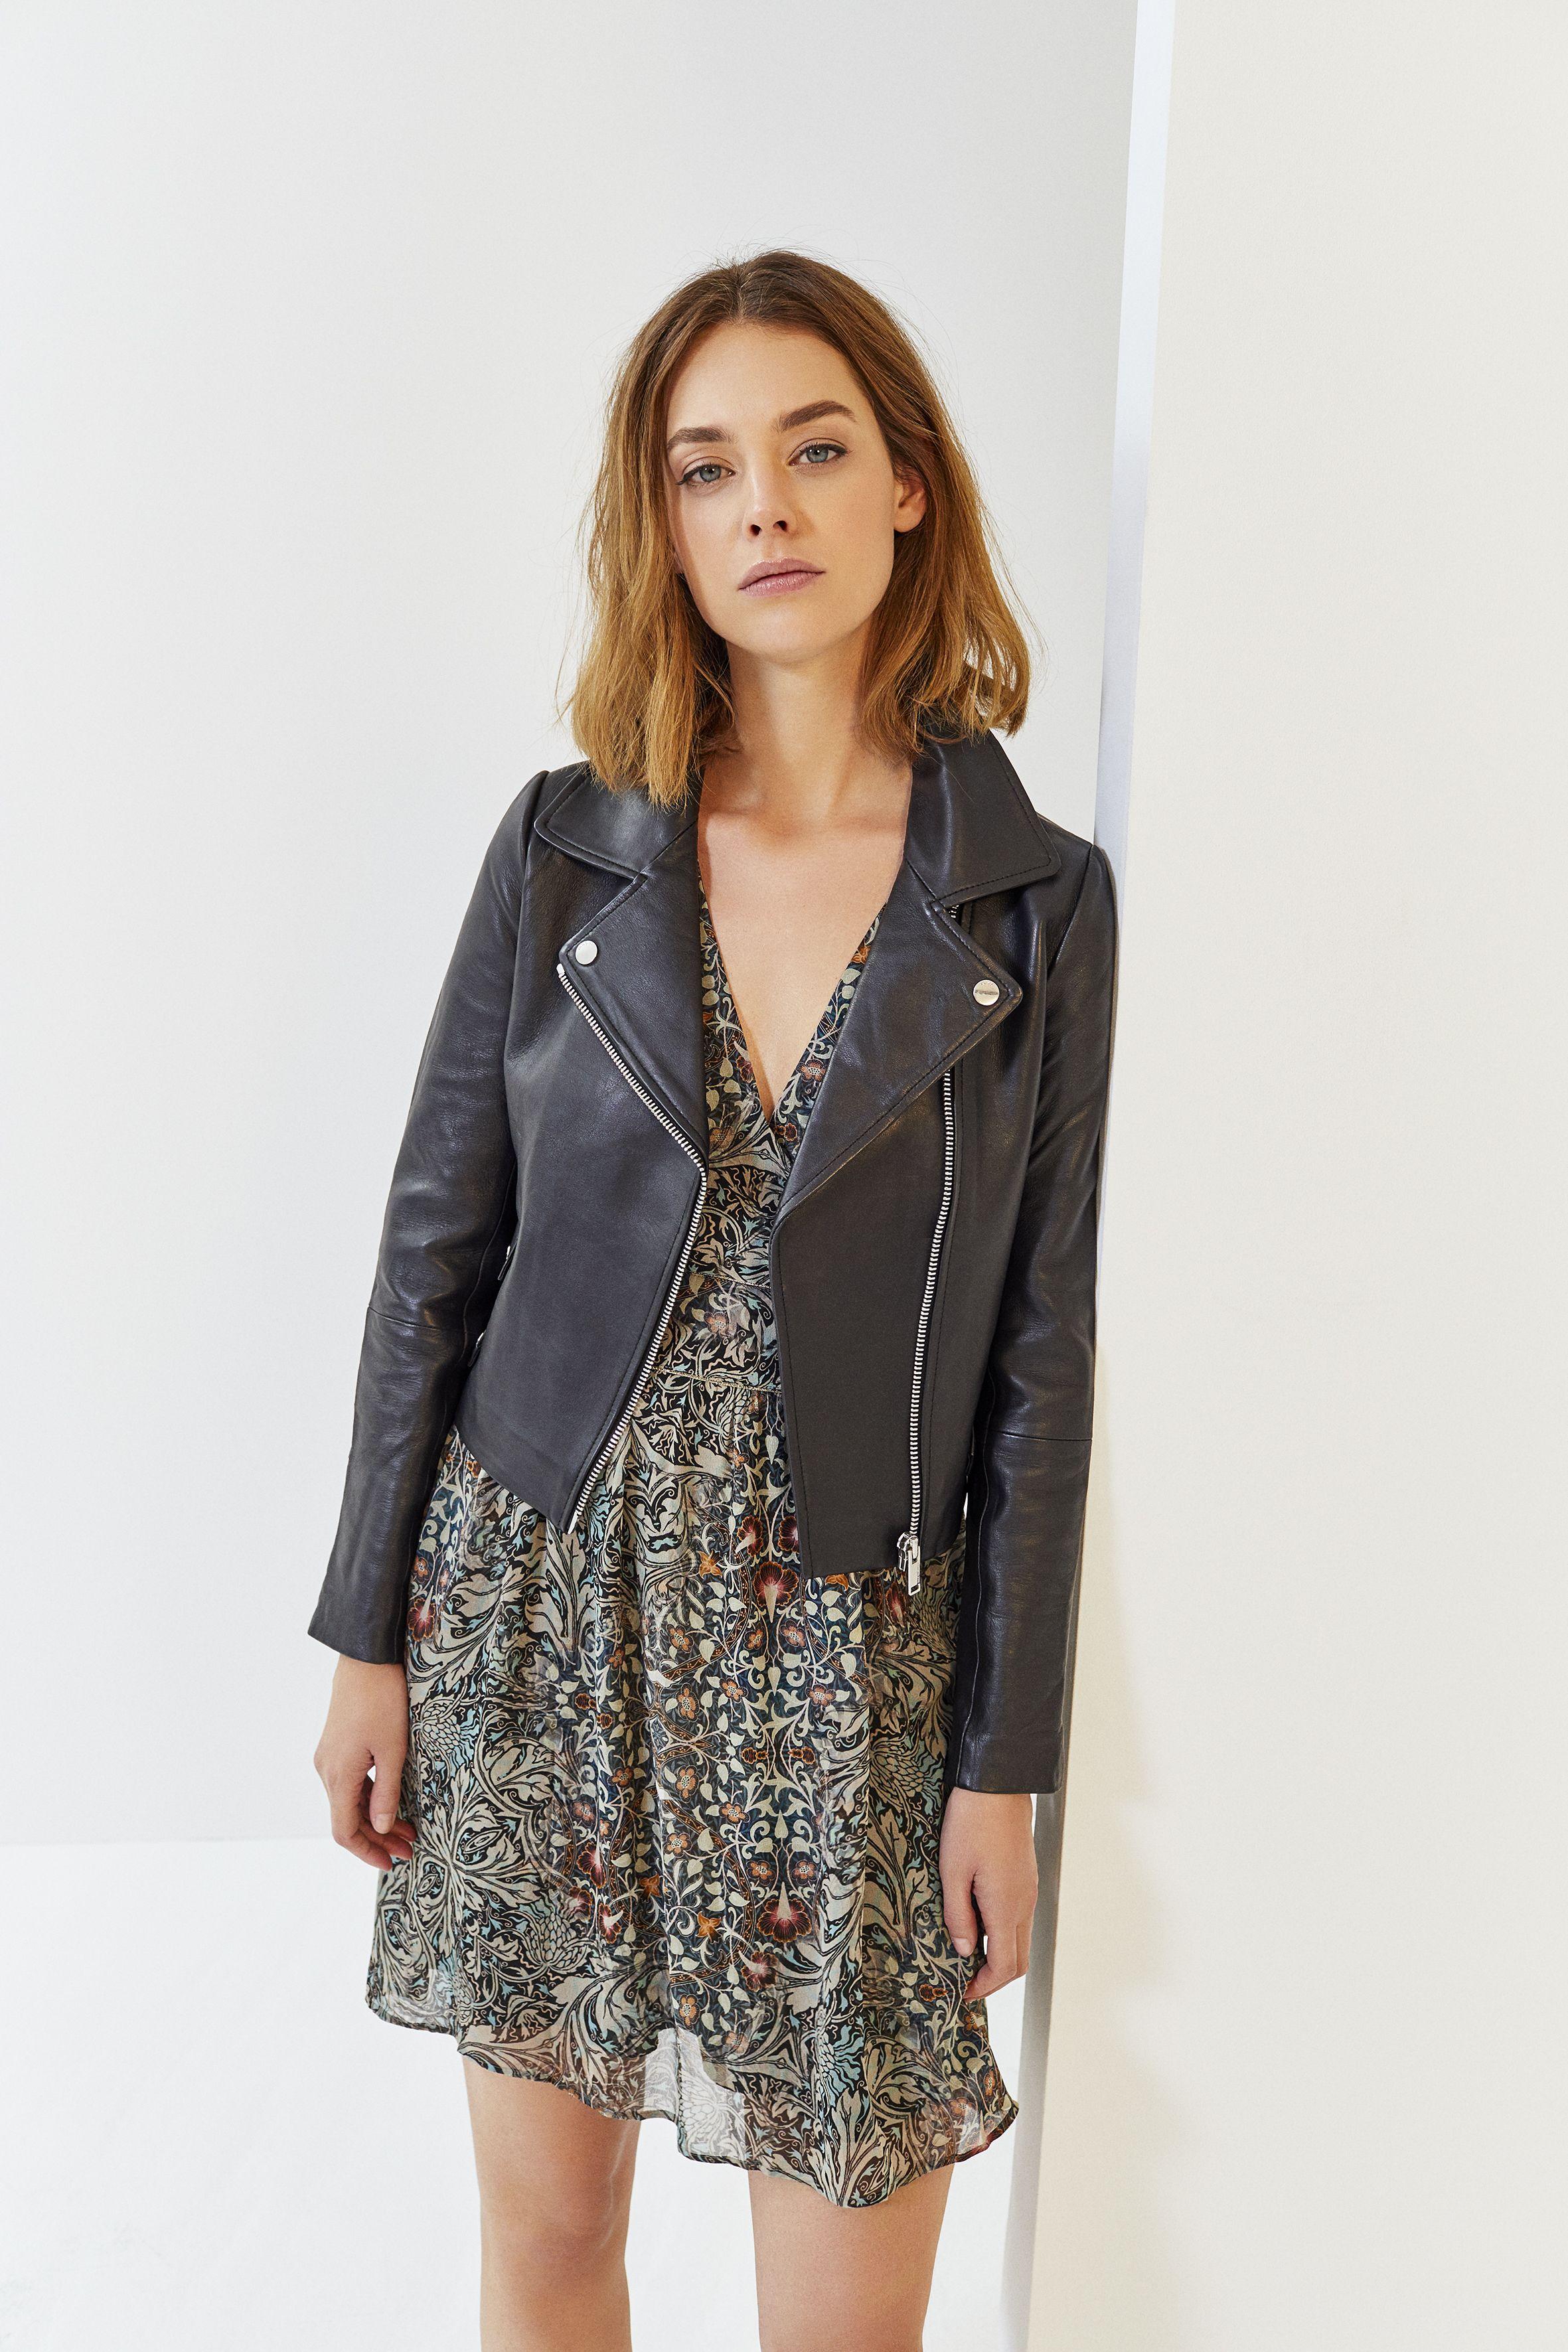 Robe cuir femme 2018